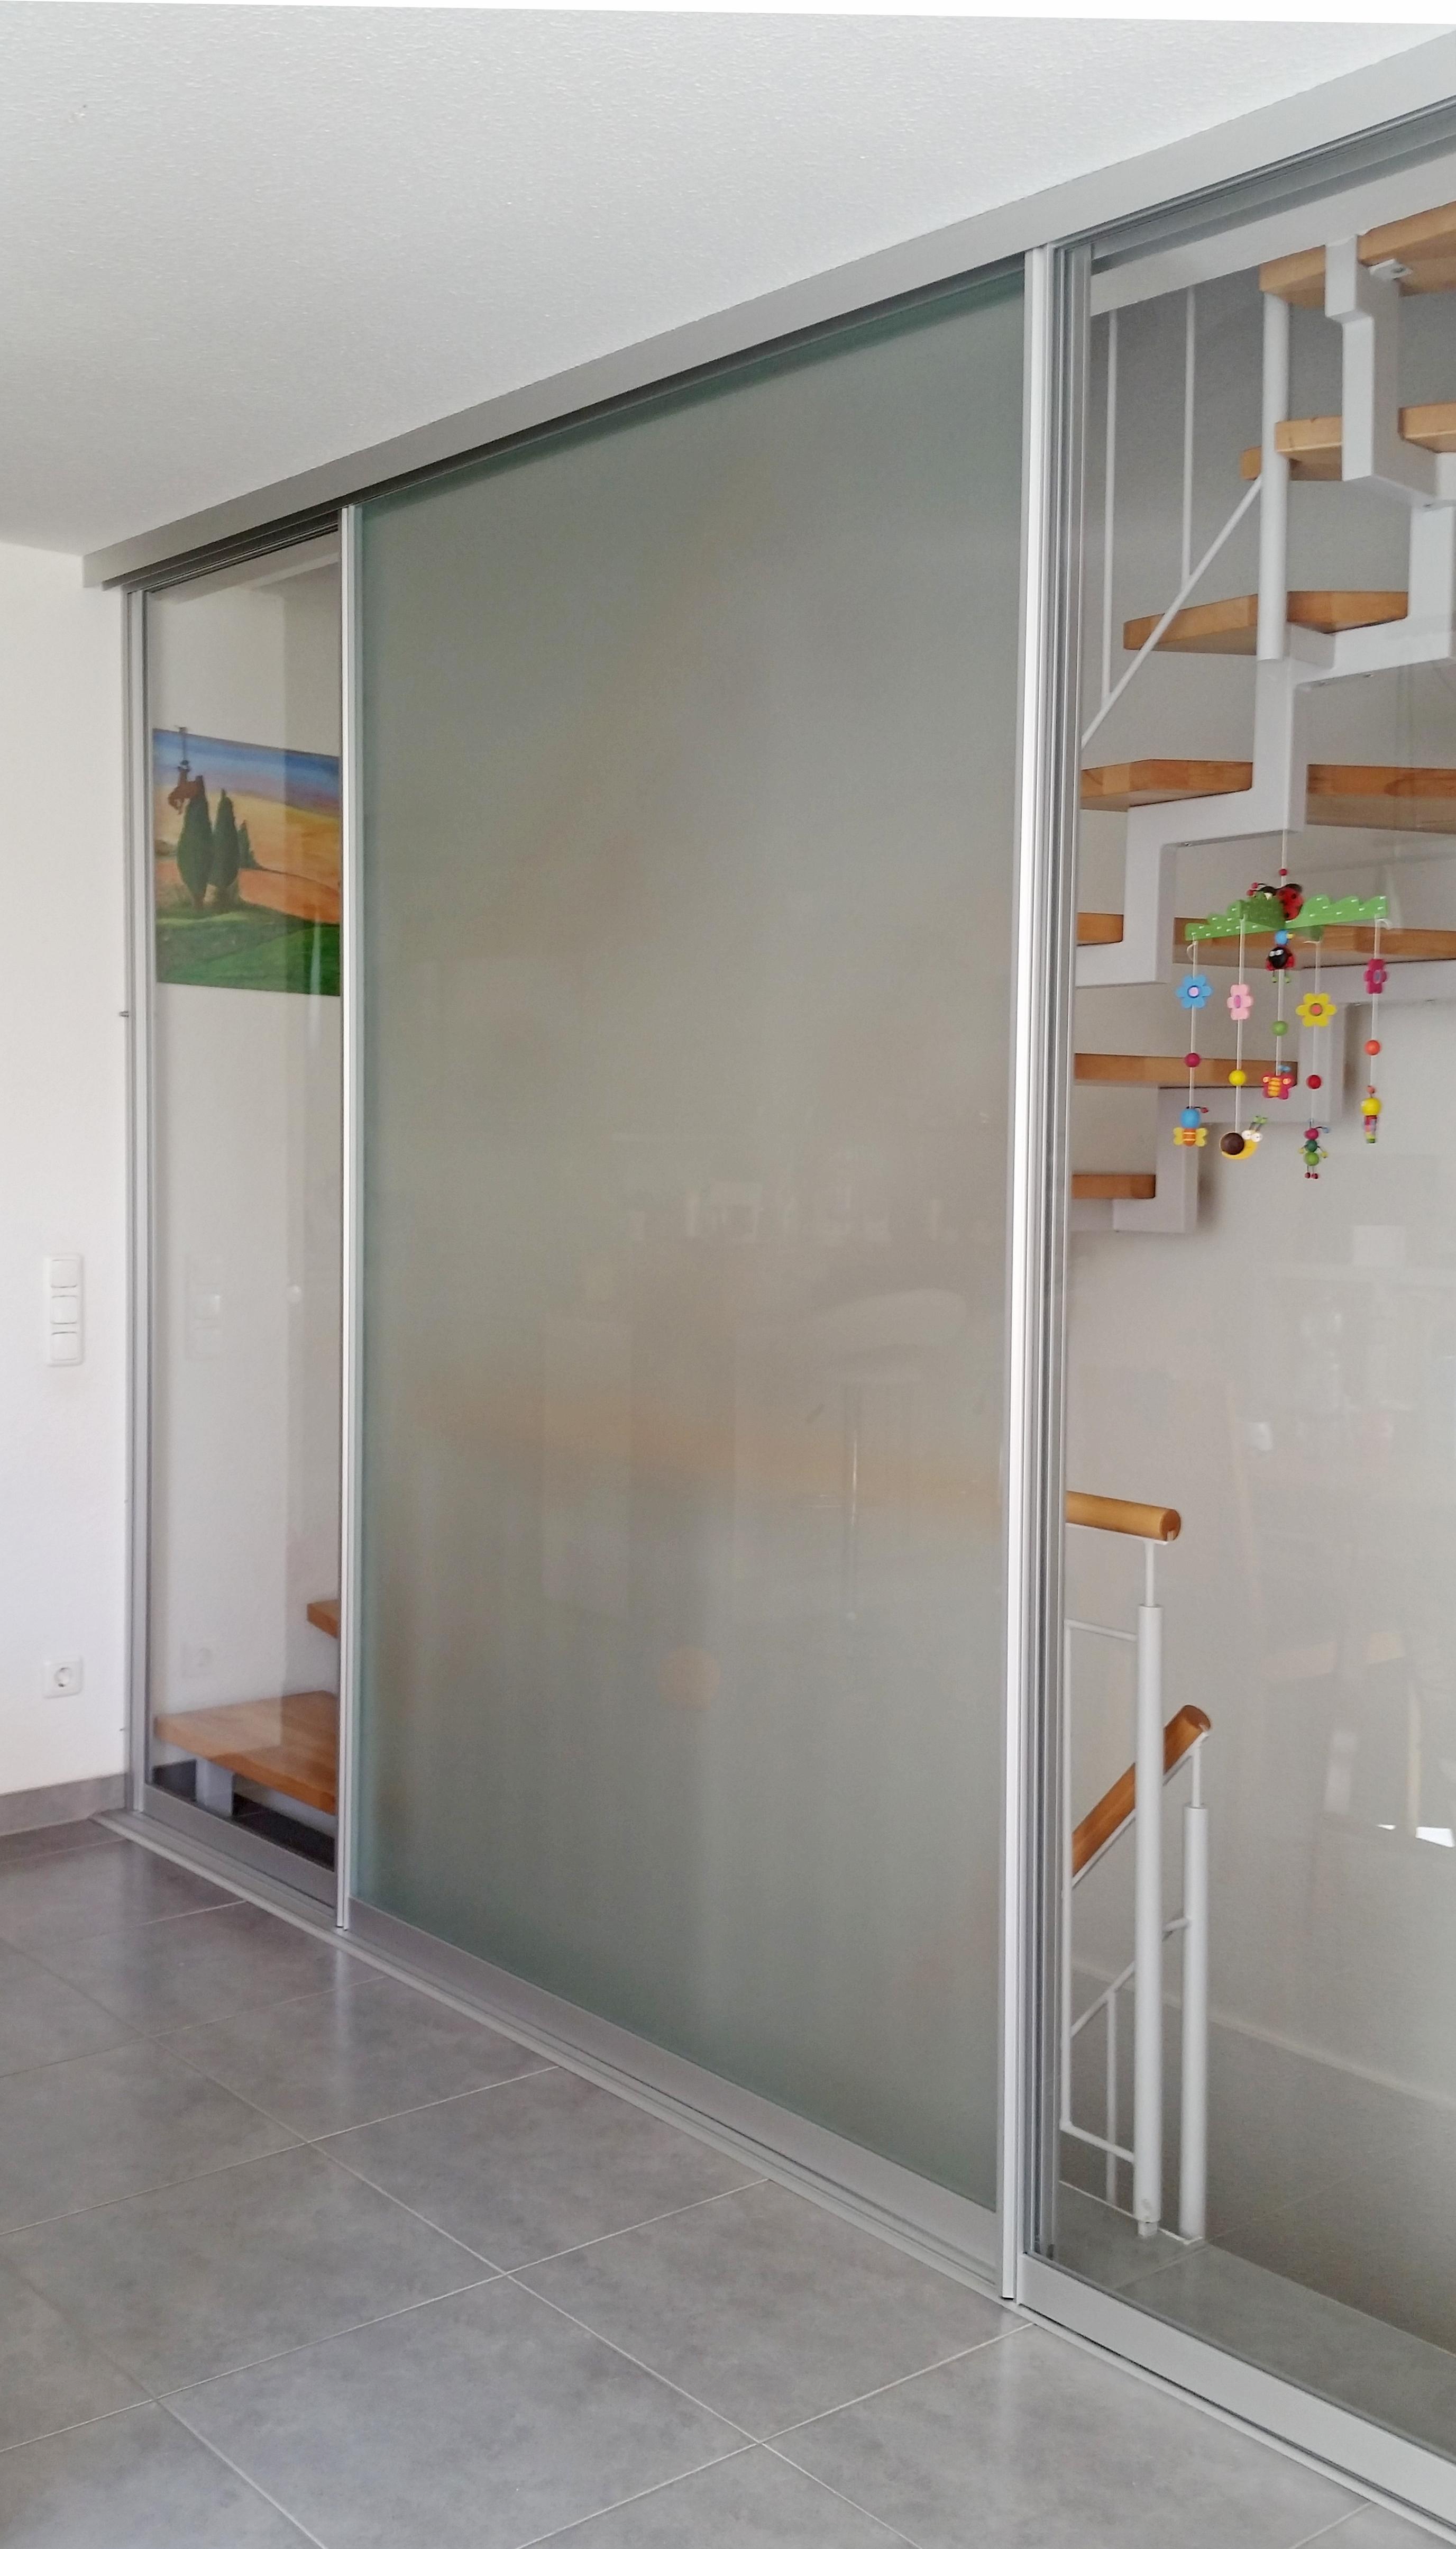 Schiebetür Treppenhausabtrennung Glas Aluminium